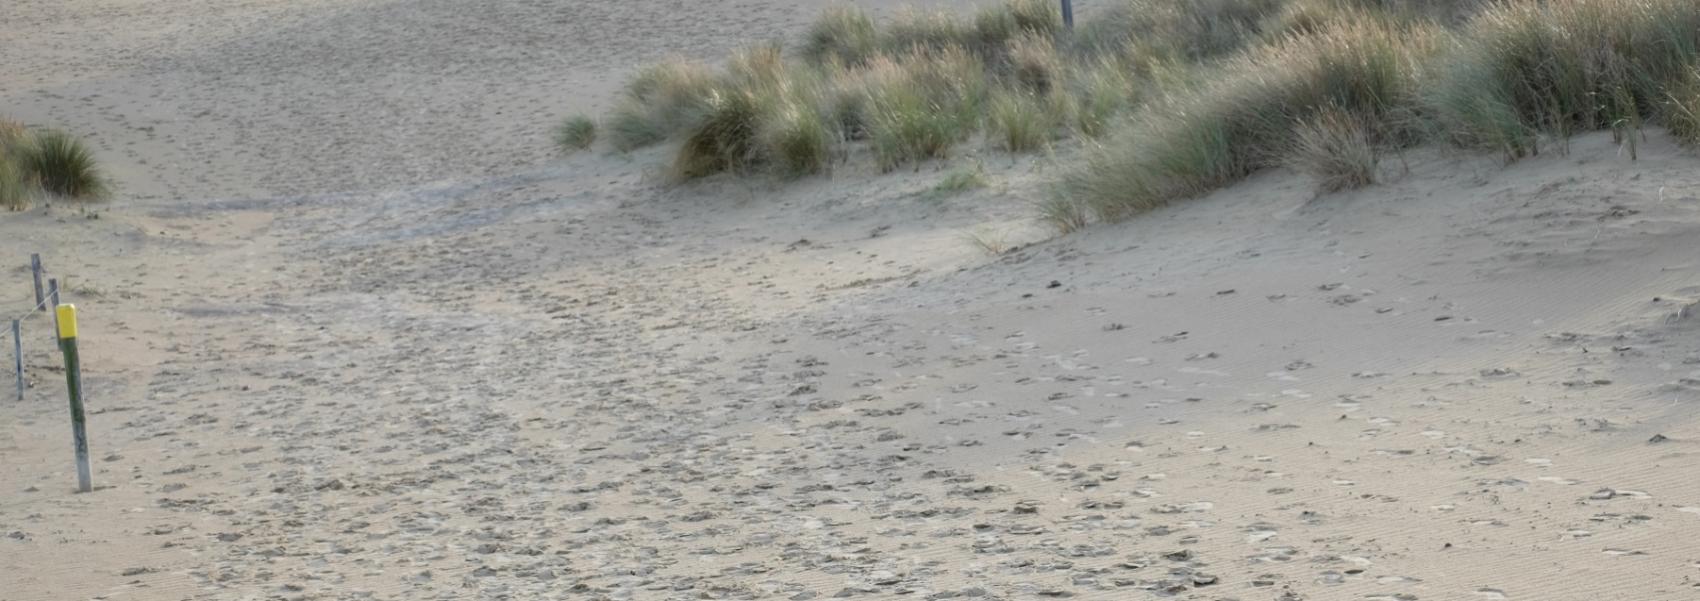 wandelpad in de duinen vol met voetstappen